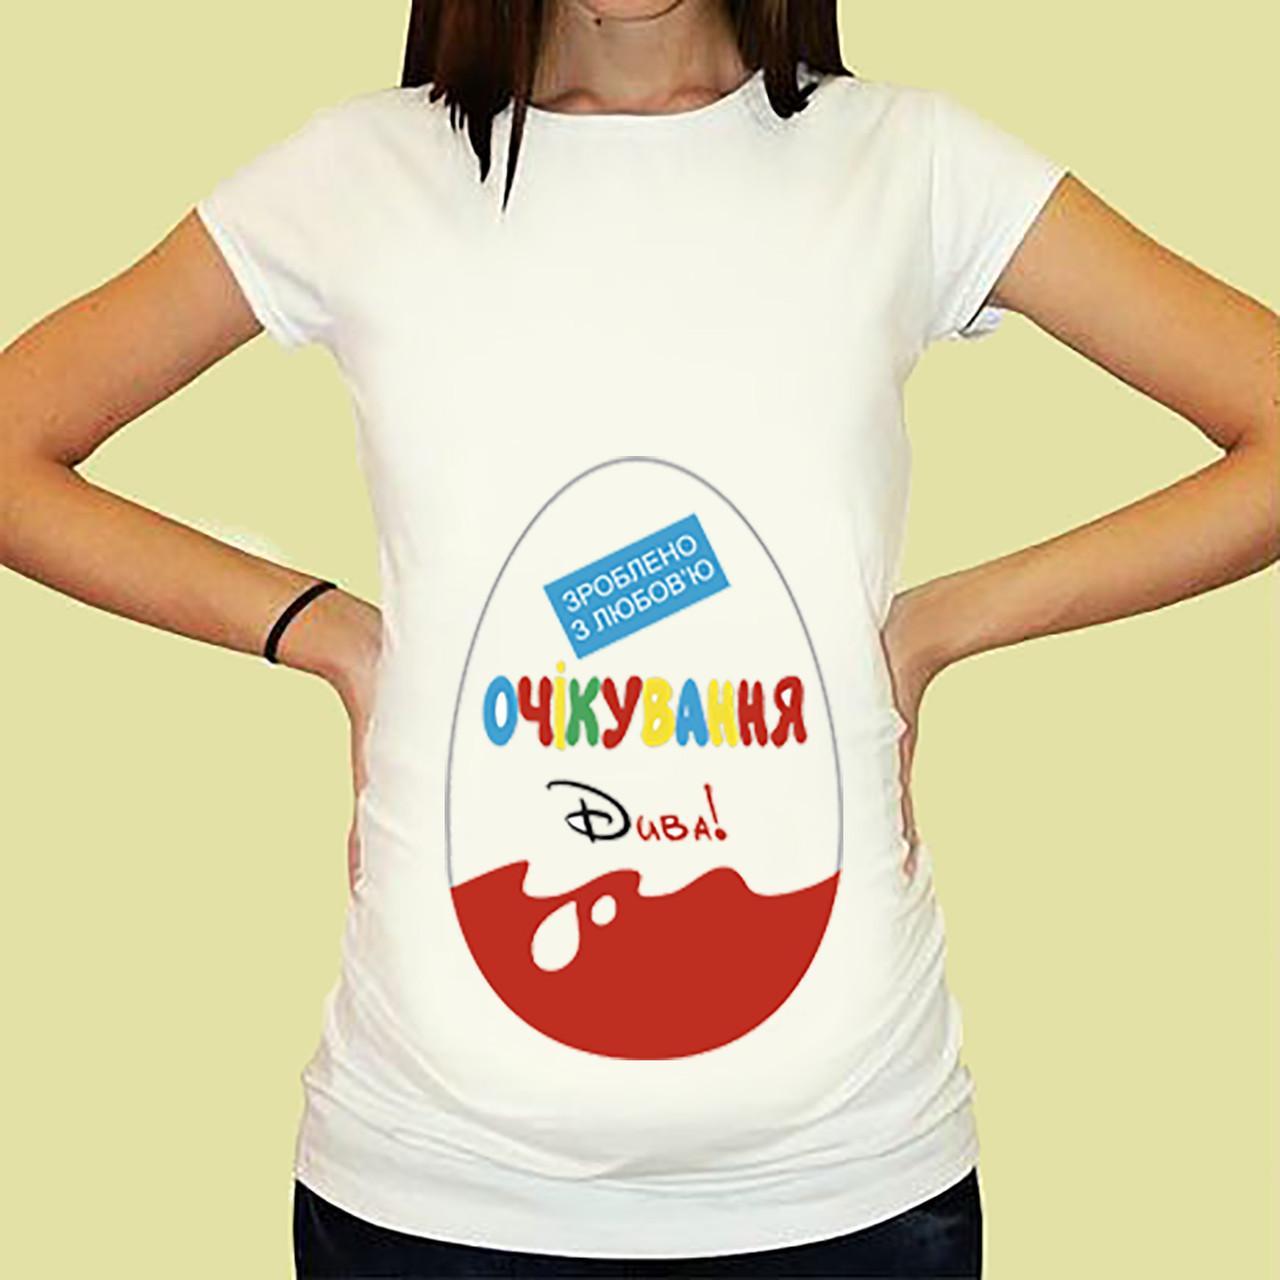 Жіноча футболка для вагітної з принтом Кіндер Очікування дива SKL75-293074